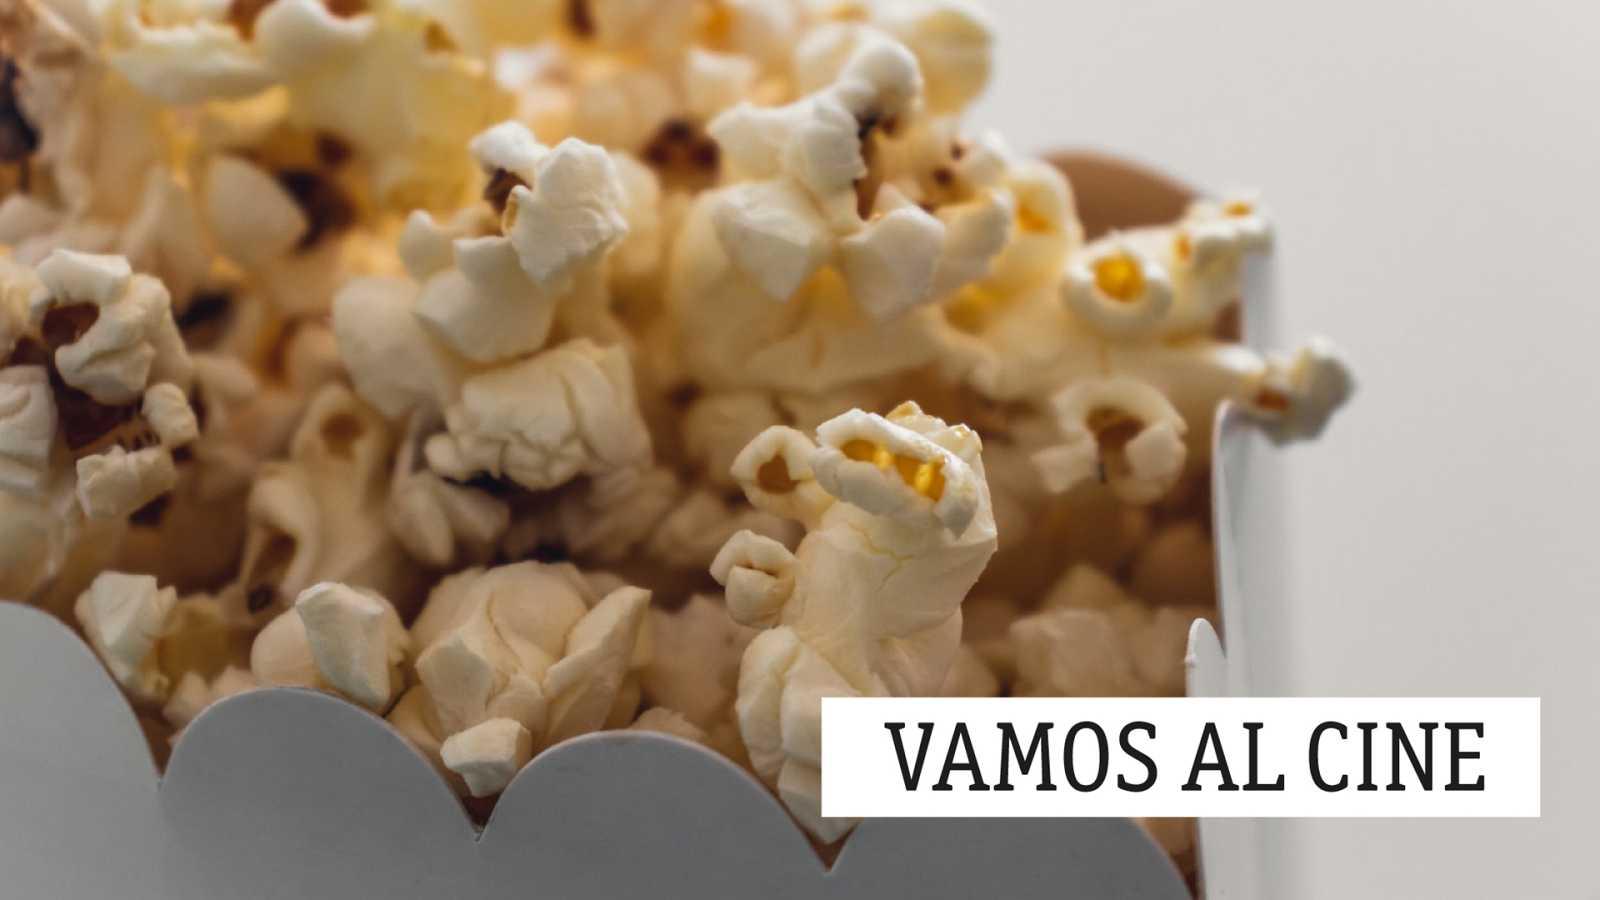 Vamos al cine - Atracos para el Día de los Museos - 21/05/20 - escuchar ahora